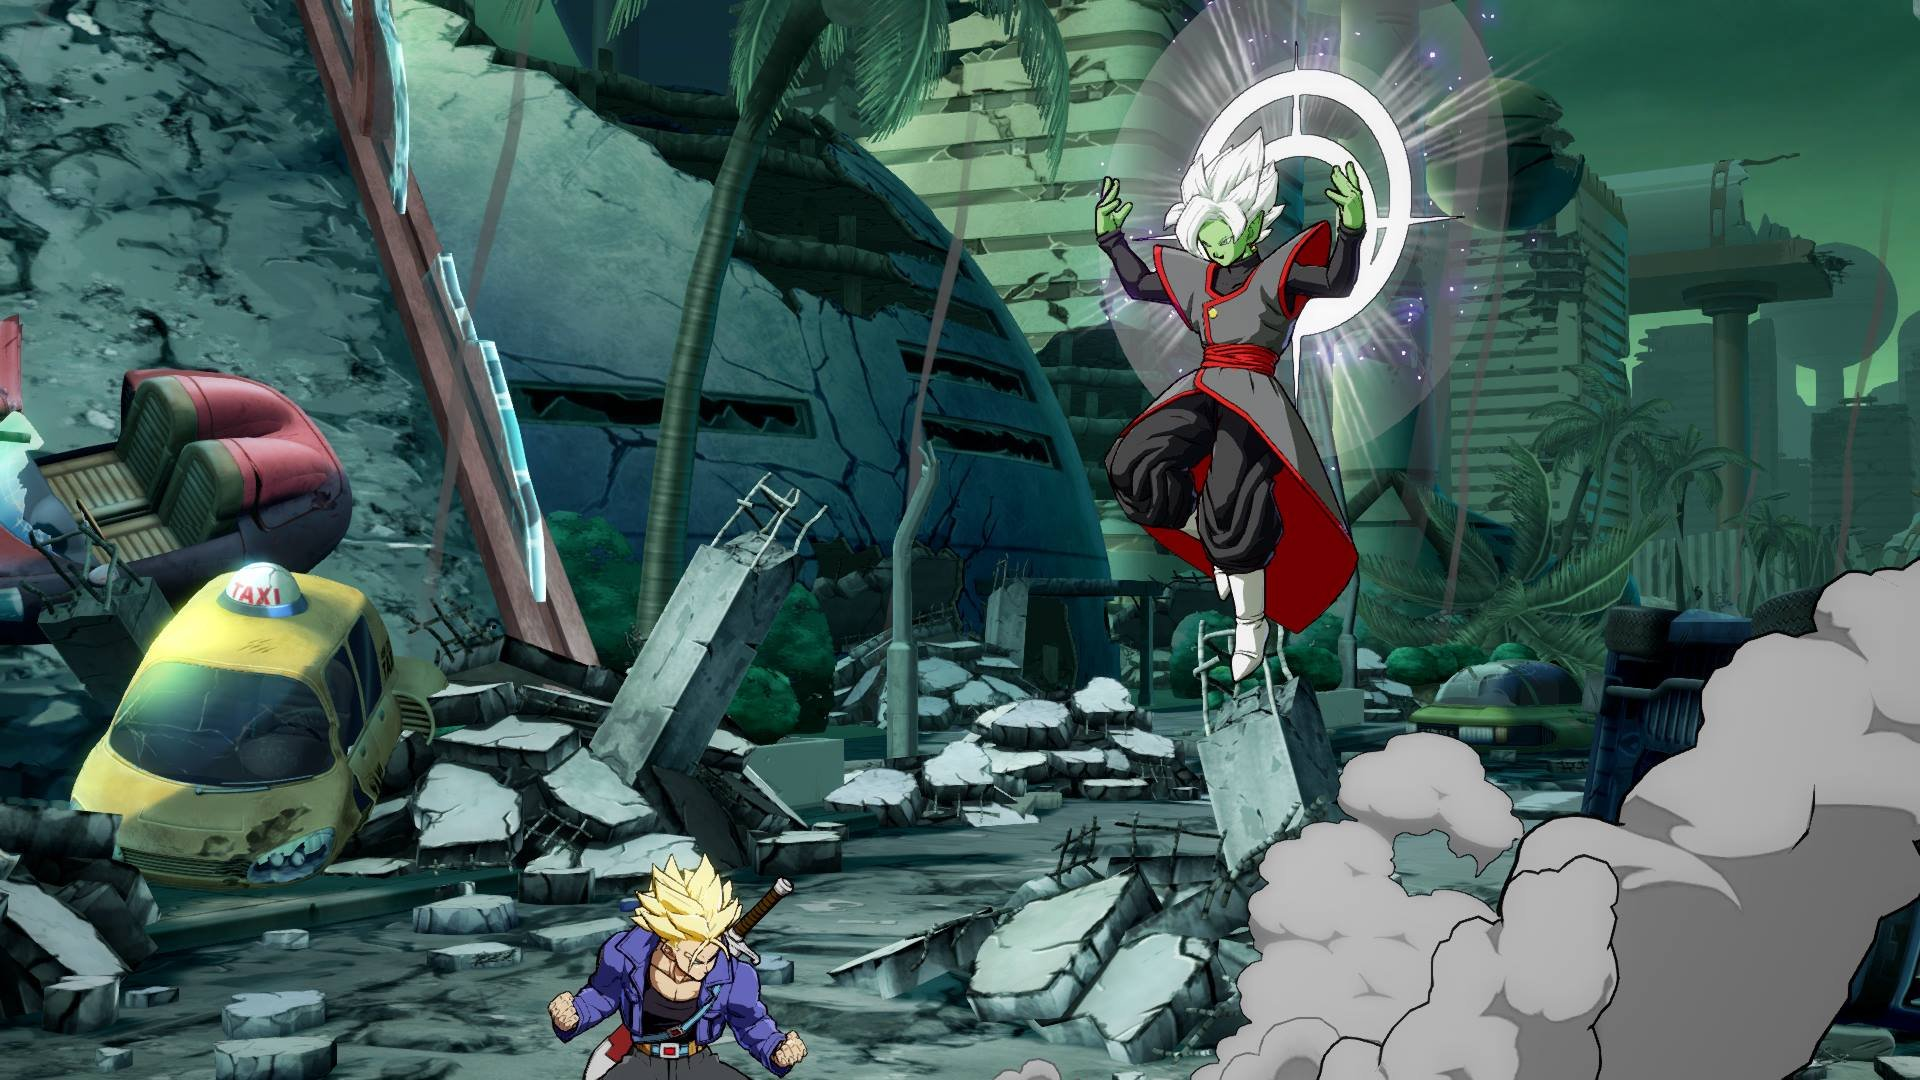 mira-las-nuevas1-imagenes-de-zamasu-fusionado-en-dragon-ball-fighter-z-frikigamers.com